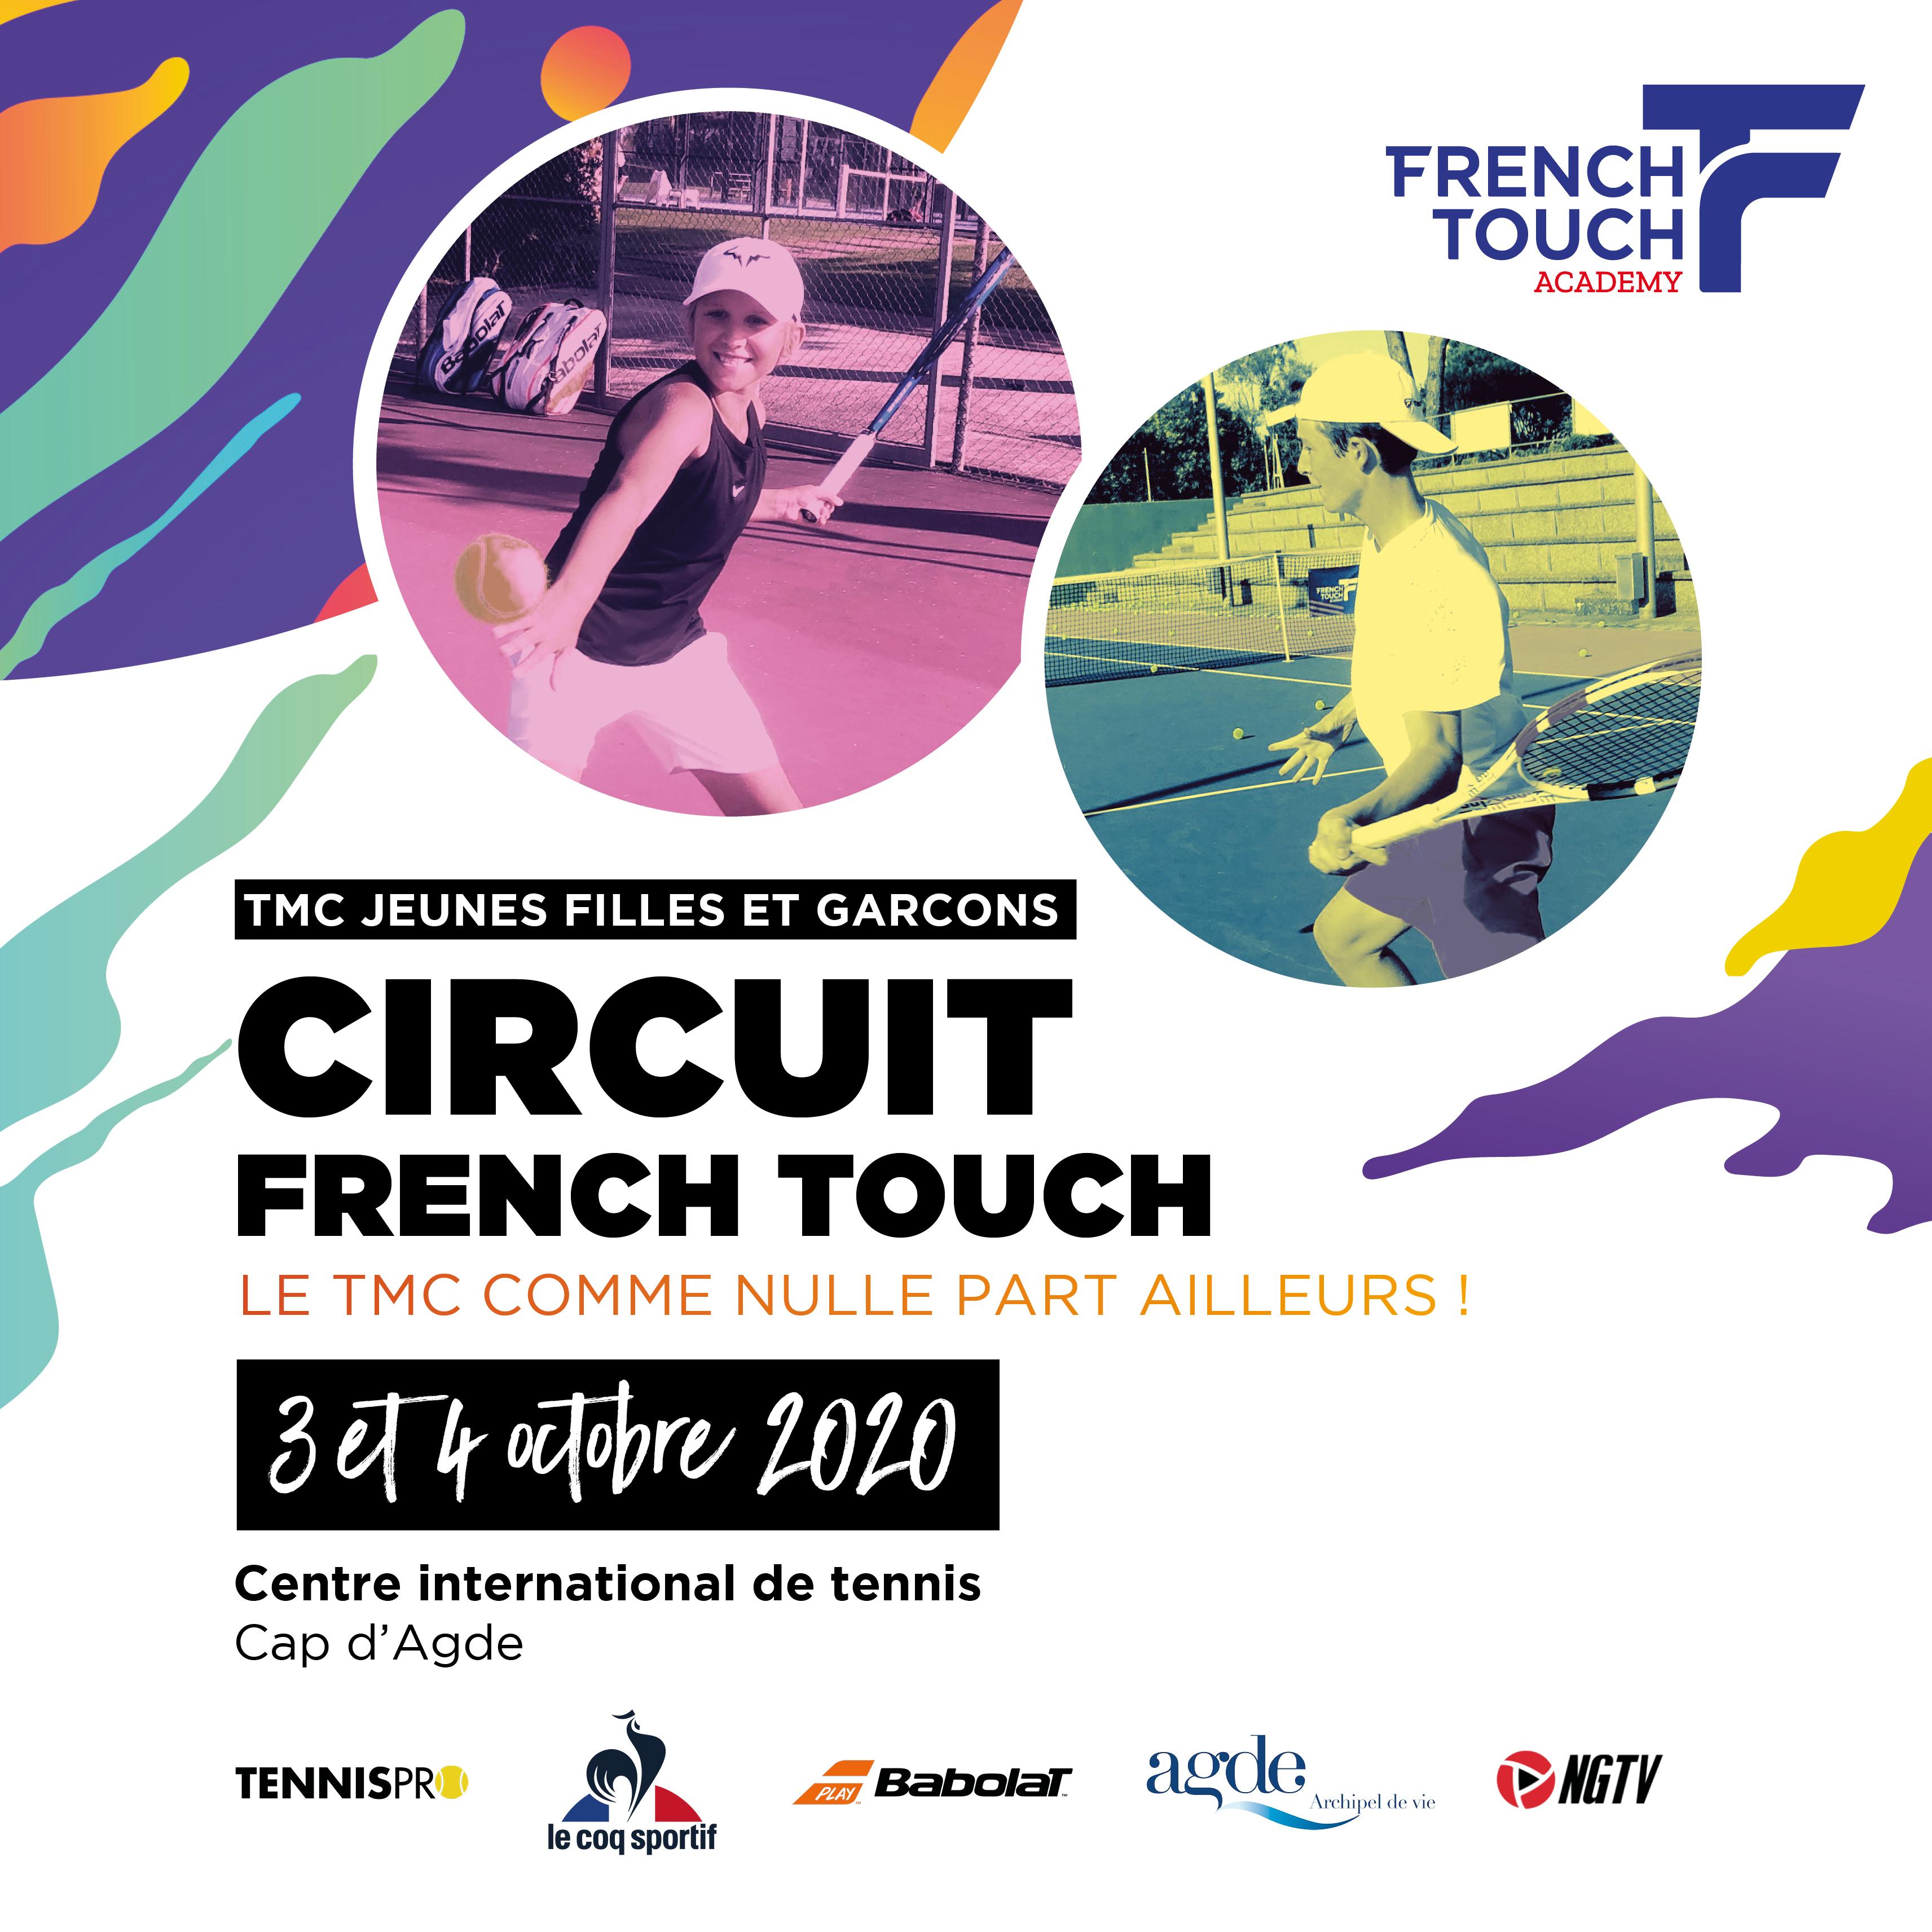 Affiche de présentation du circuit de TMC French Touch Academy